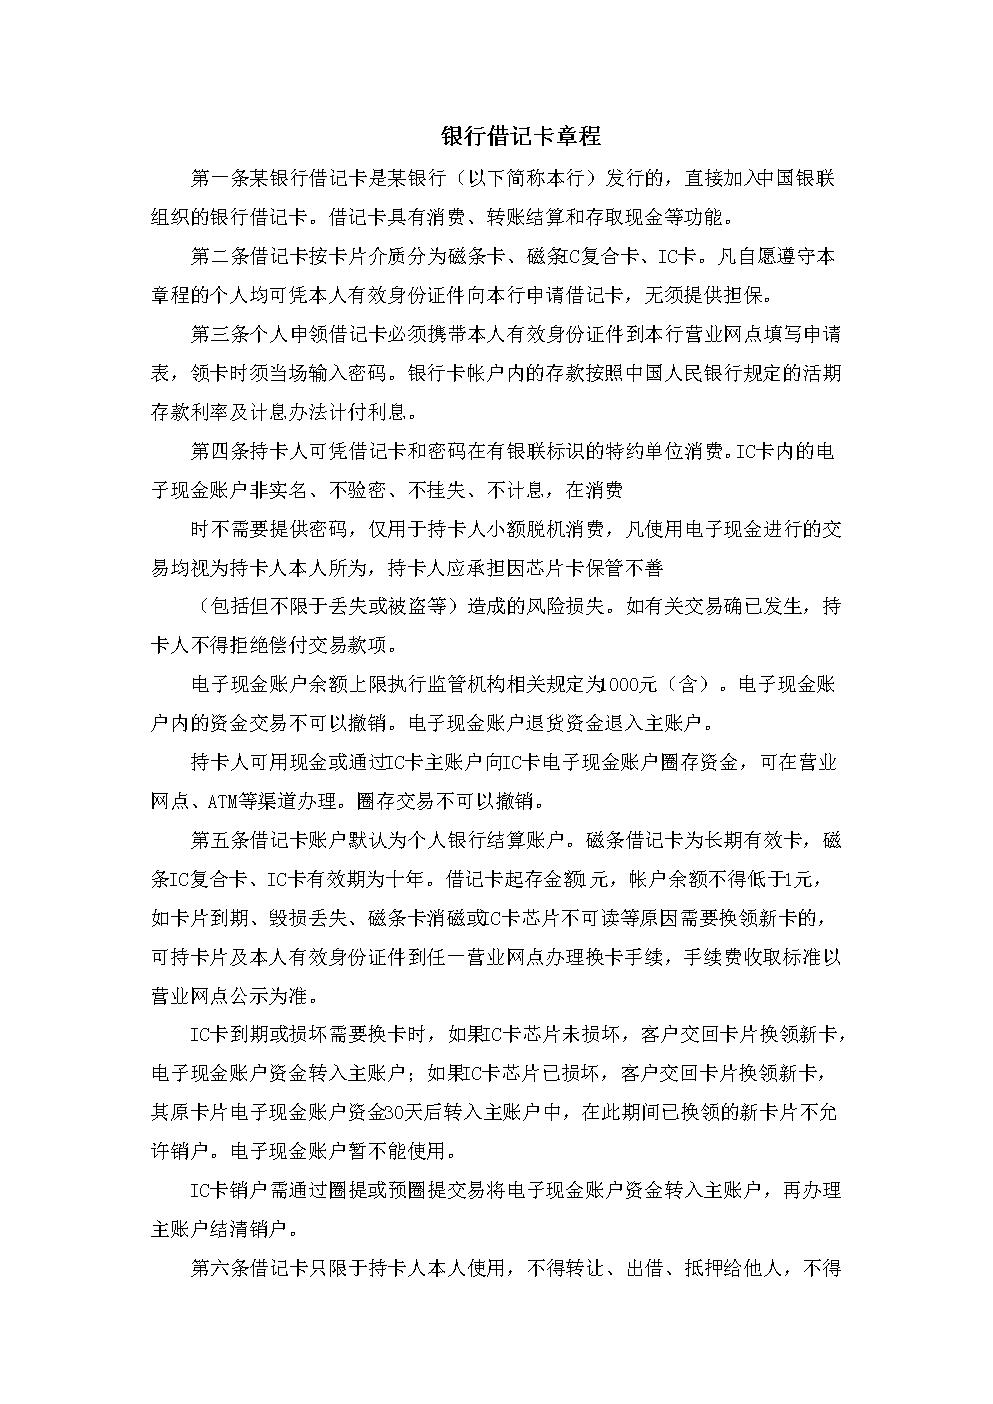 银行借记卡章程模版.docx